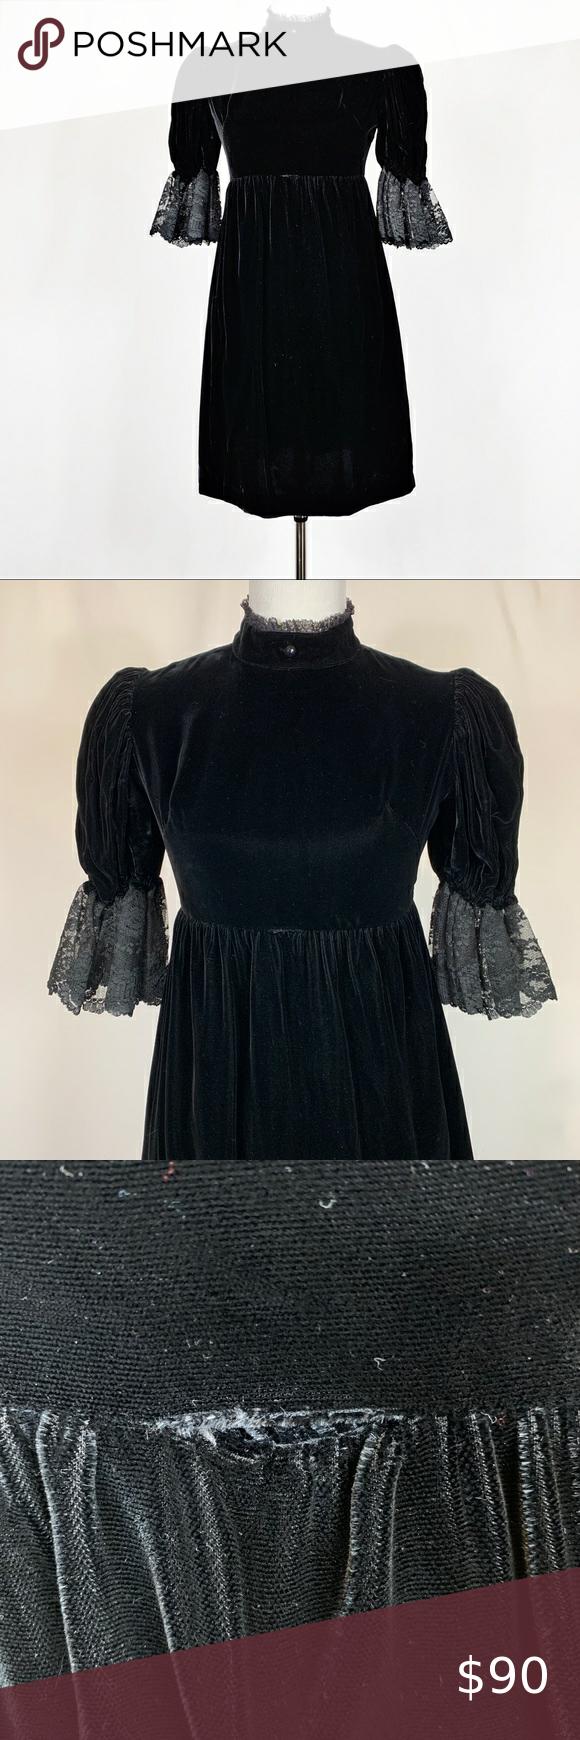 Vintage 70s Black Velvet Empire Babydoll Dress M L Size No Size But About A M L Measurements Approx Bust 17 Babydoll Dress Vintage Dresses Babydoll Style [ 1740 x 580 Pixel ]